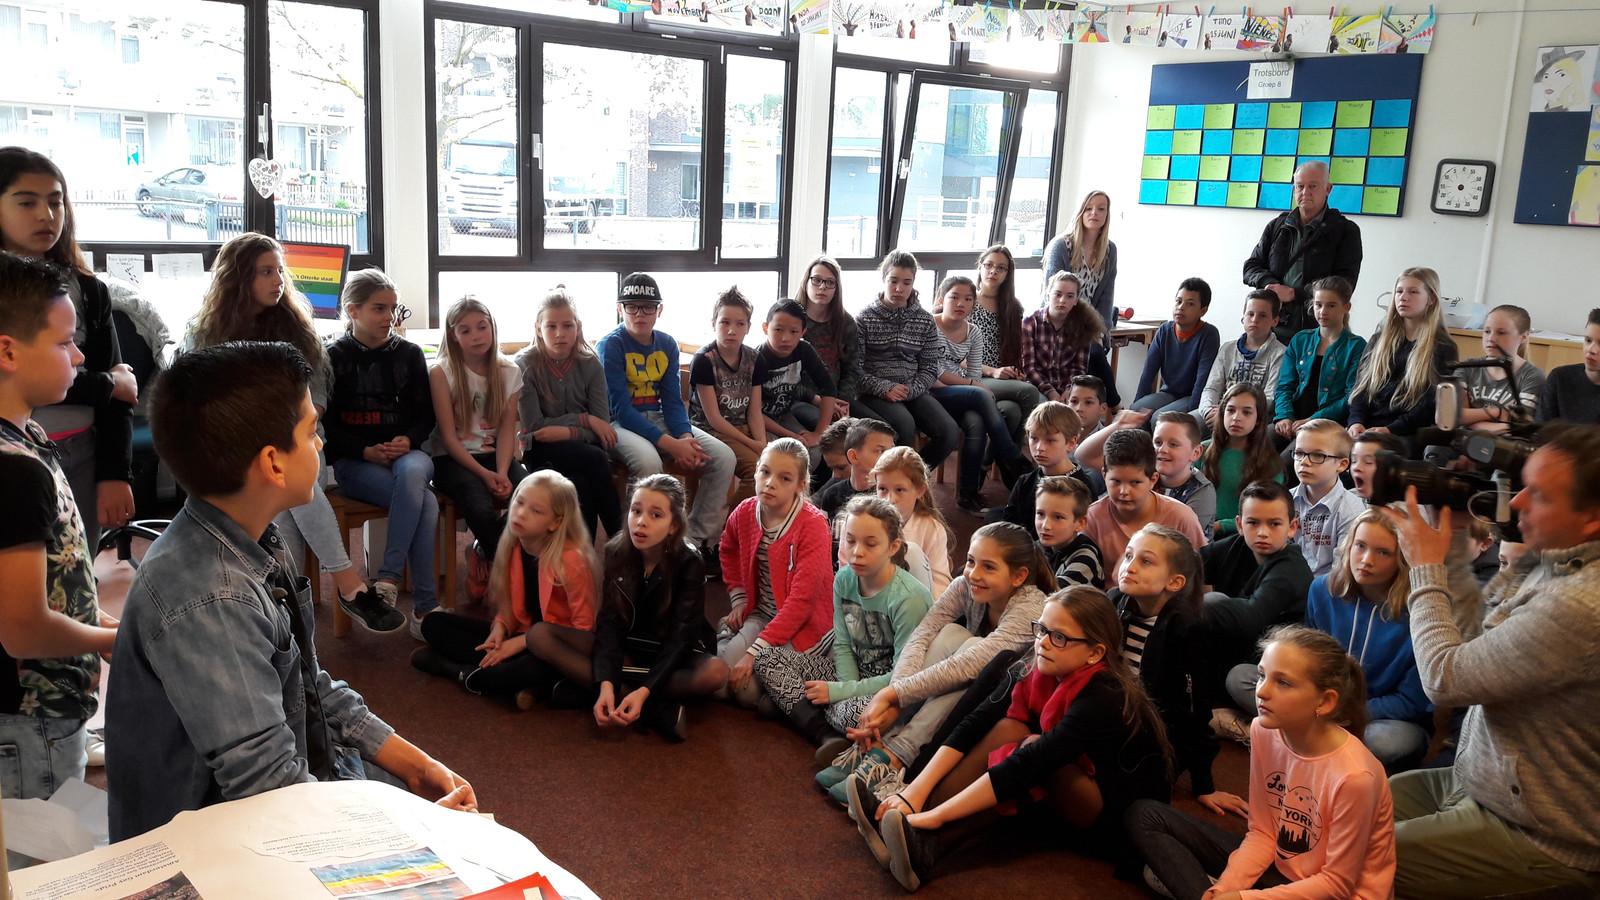 Het jeugdjournaal is in de klas bij basisschool 't Otterke in Beek en Donk